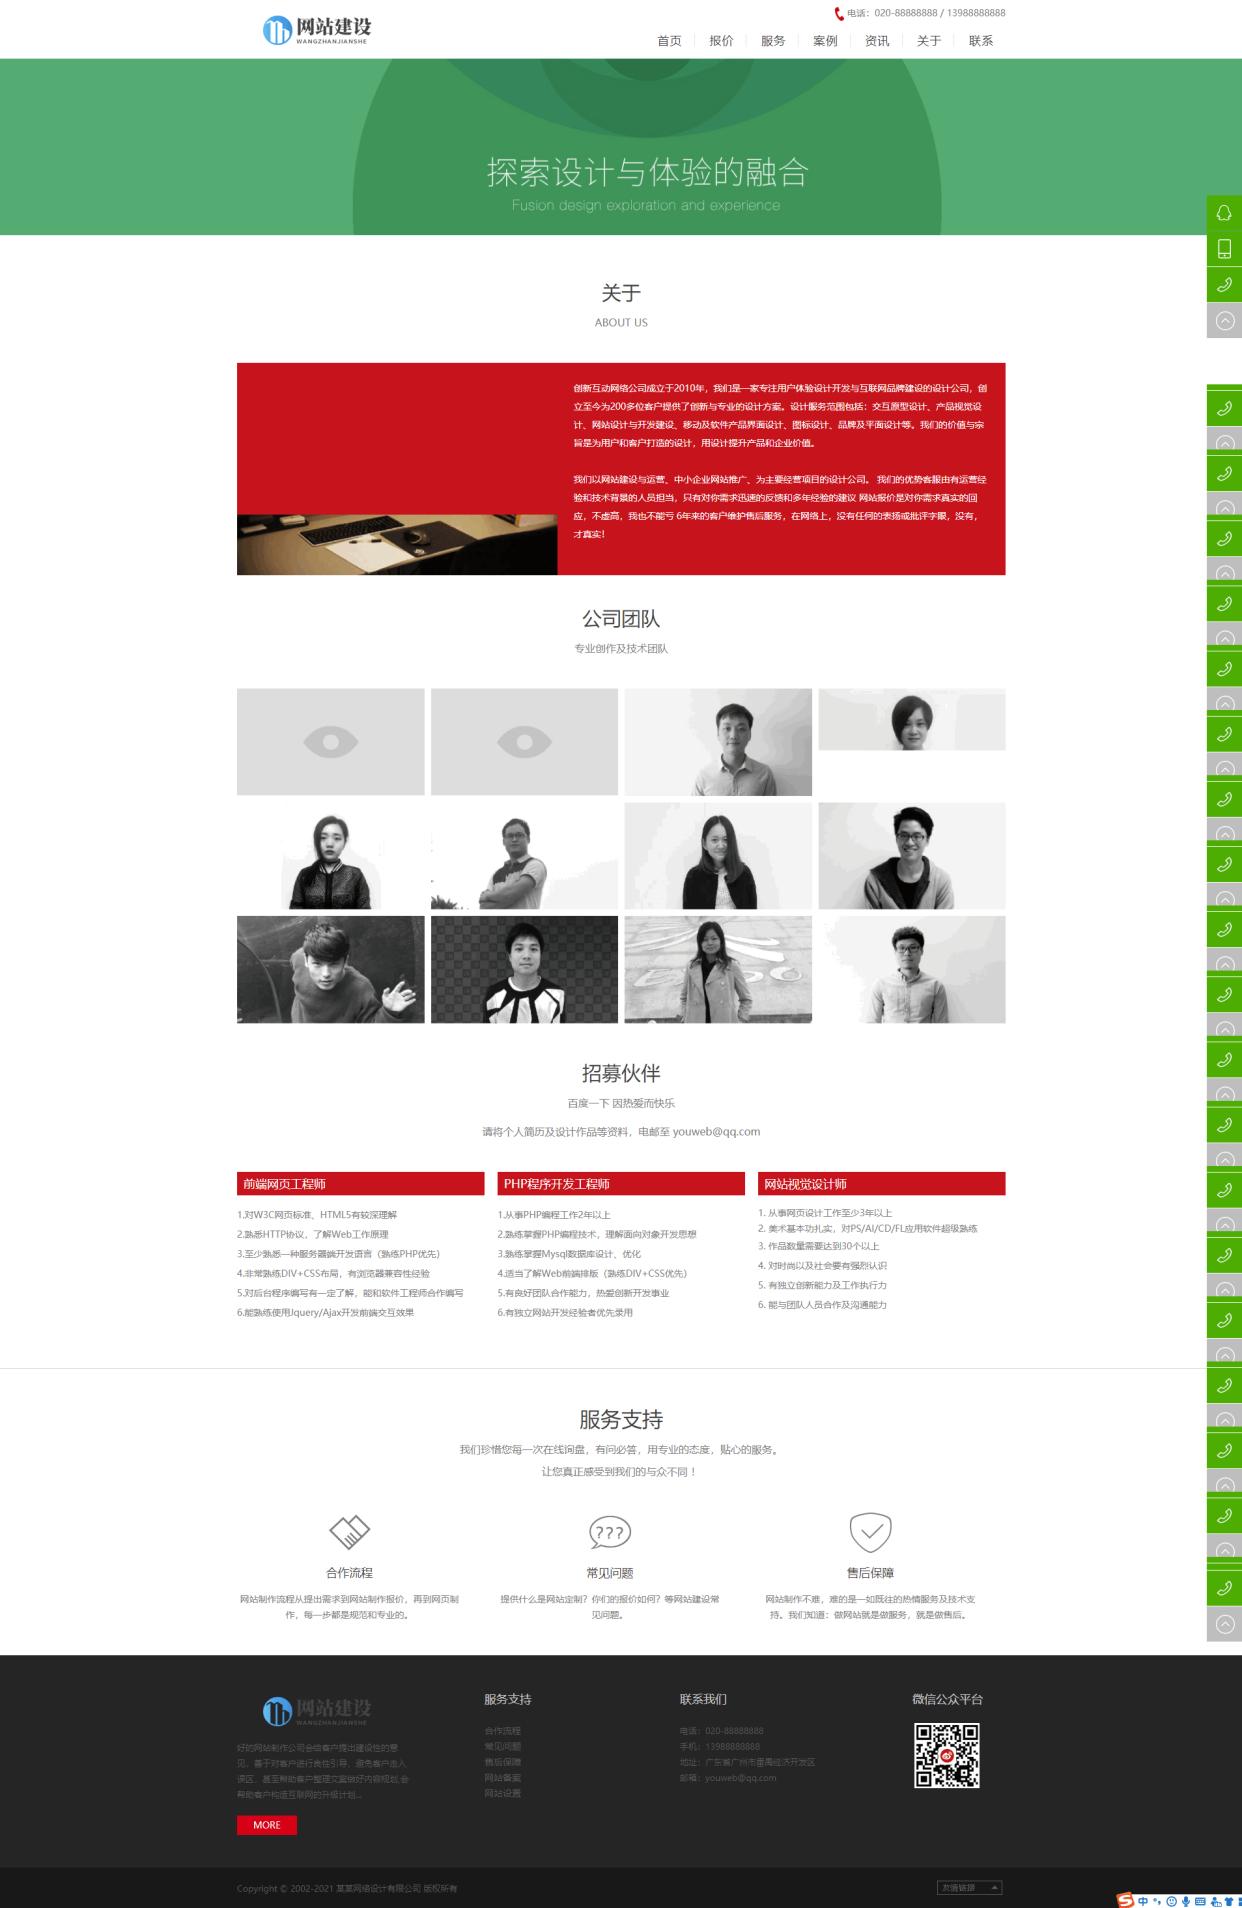 基于ThinkPHP5框架开发的响应式H5可视化网站网络设计公司网站PHP源码 PHP框架 第6张